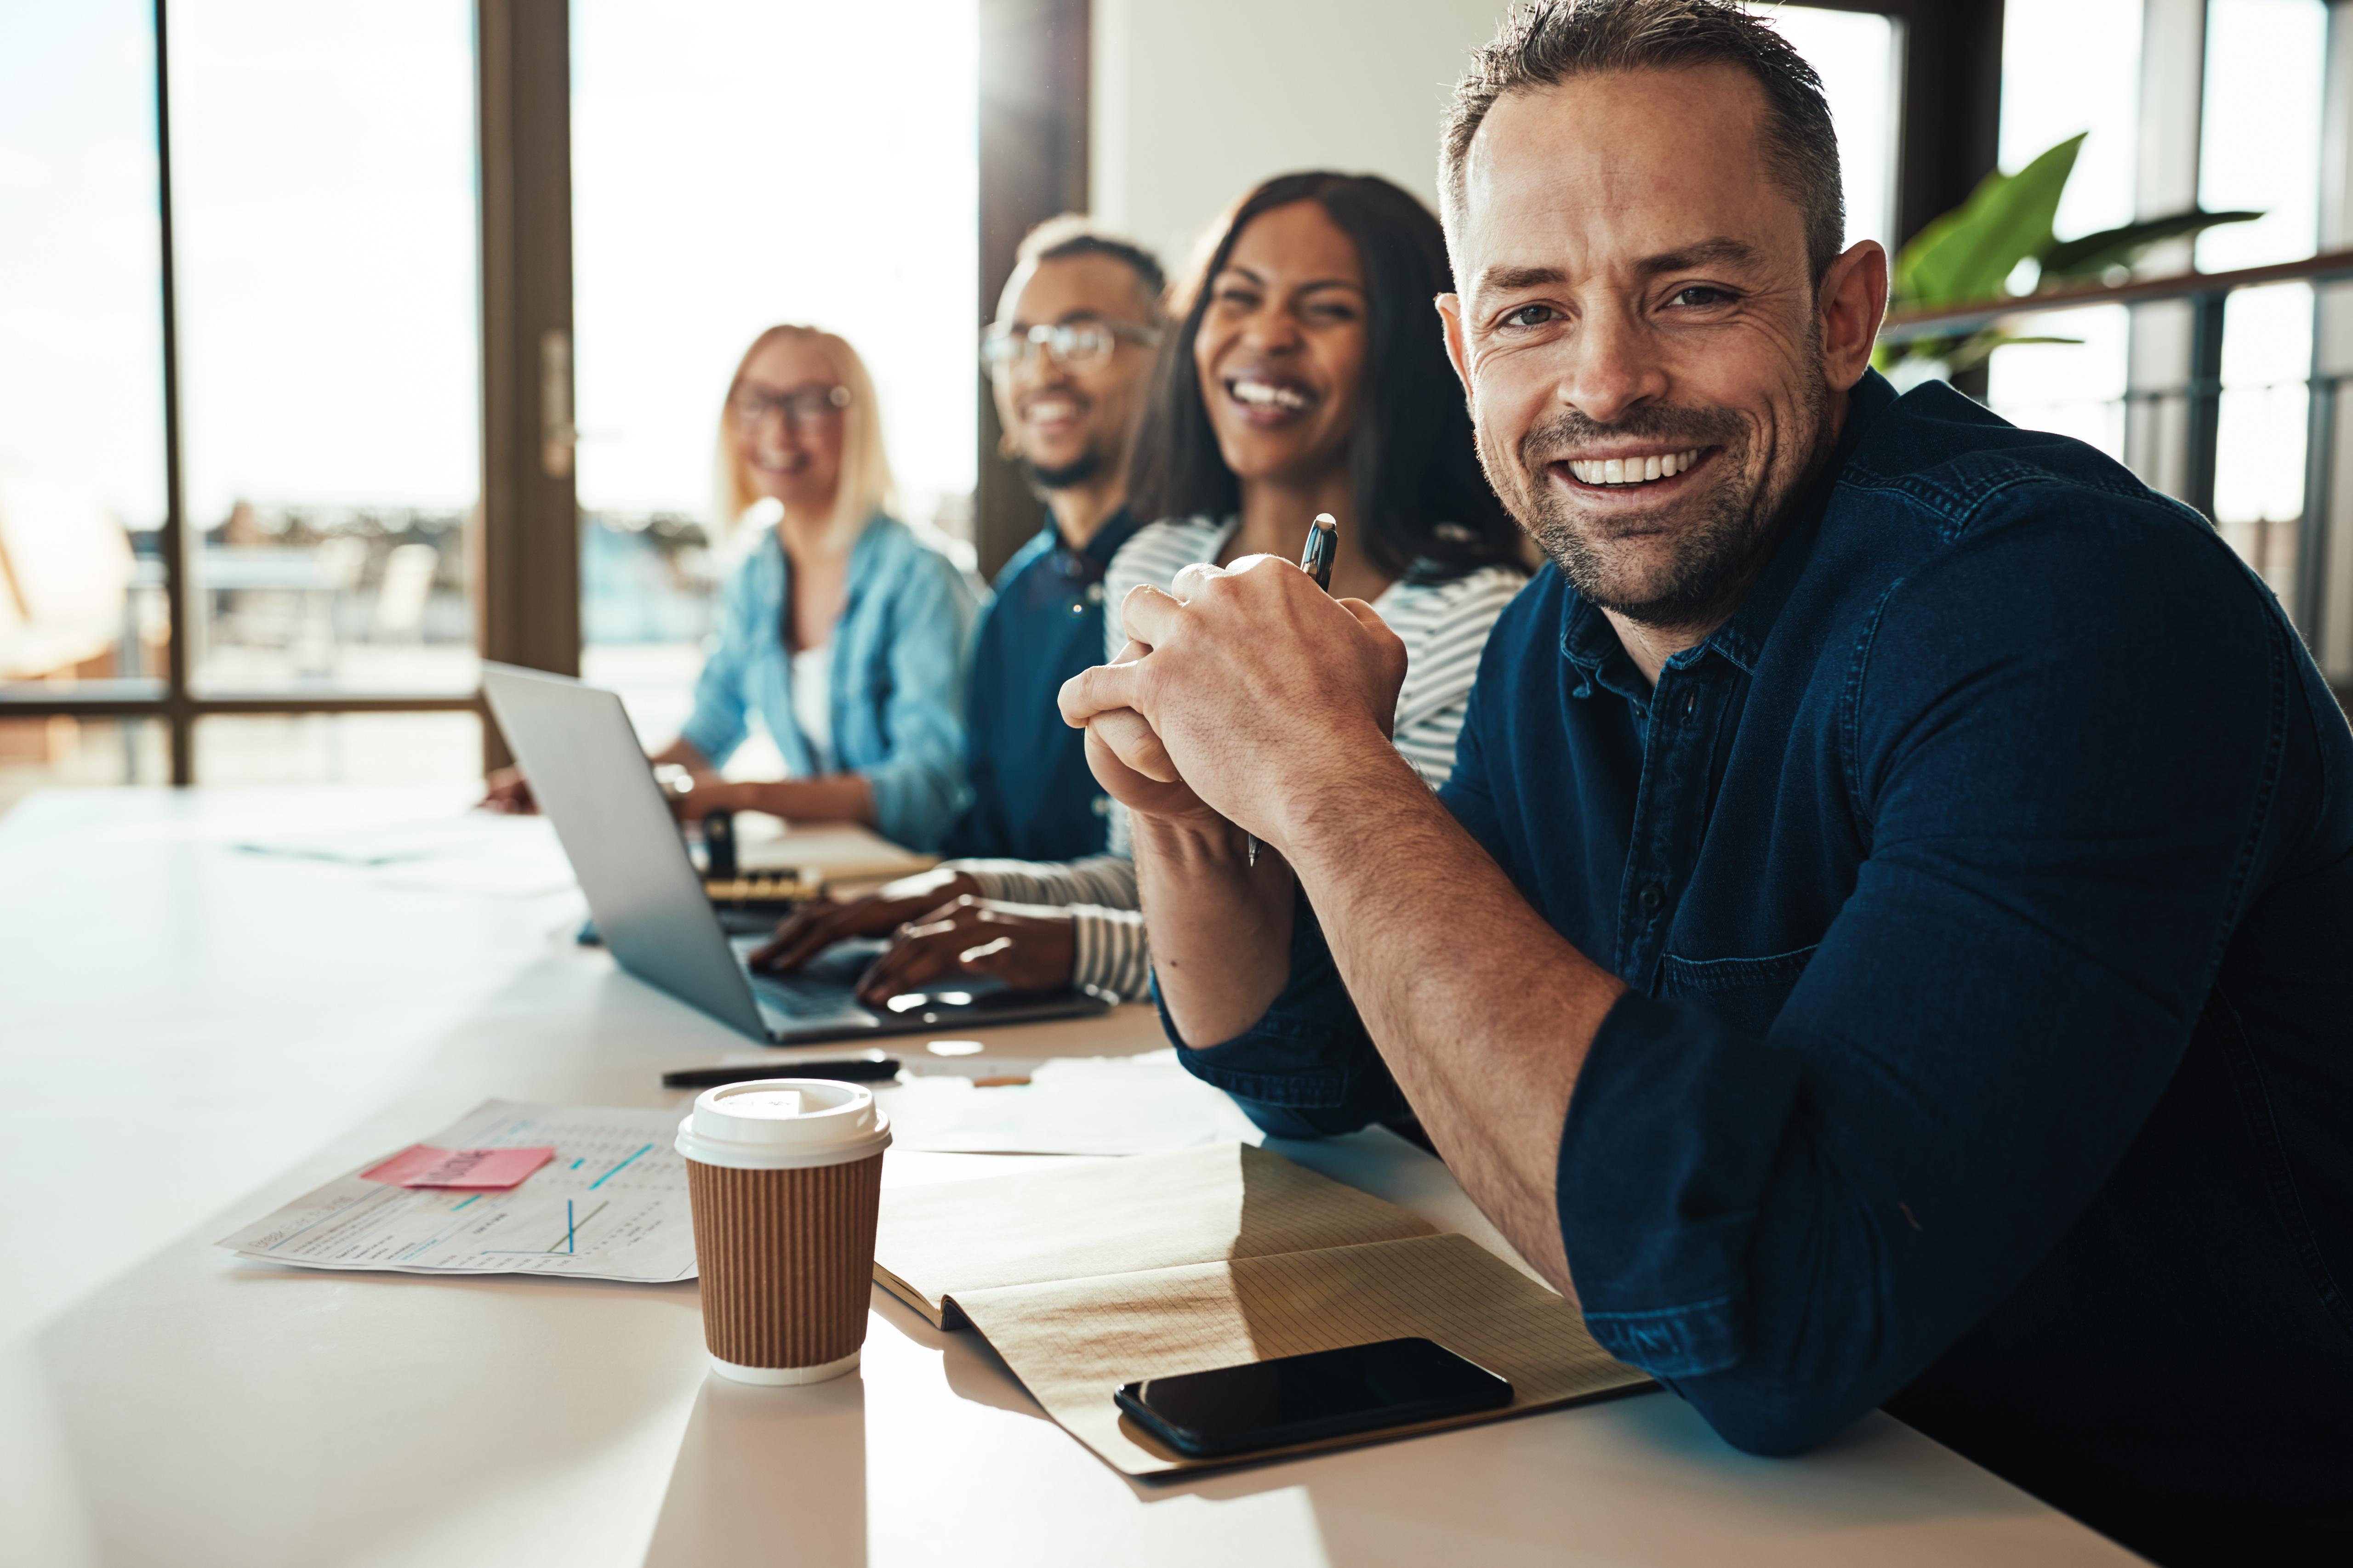 team sitting at desk smiling